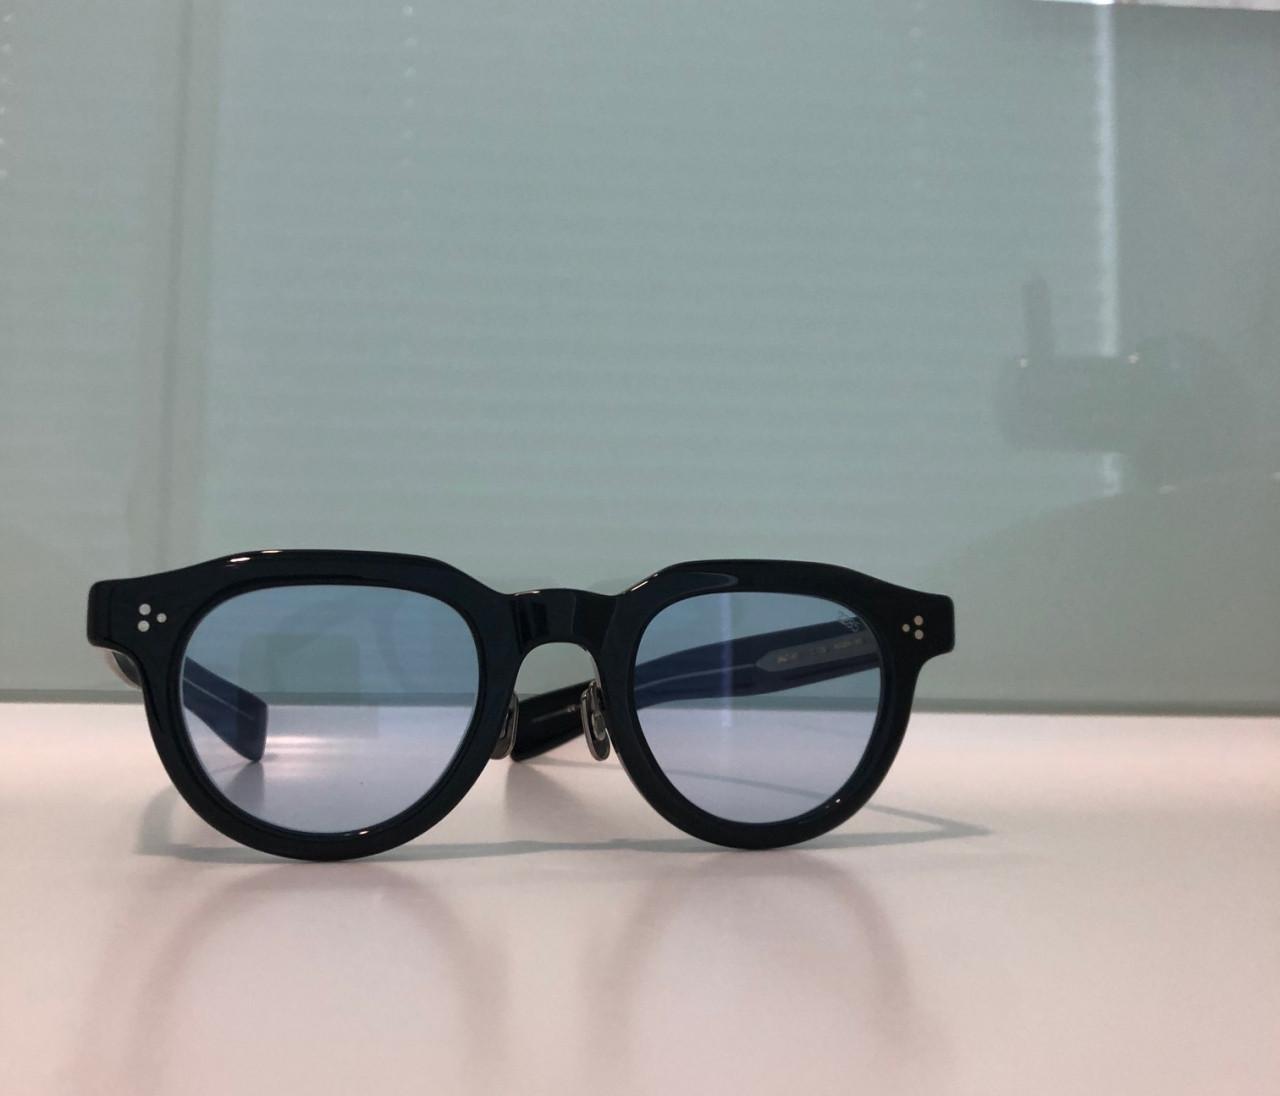 アイヴァン7285のサングラス【30代に幸せをくれるものvol.30】